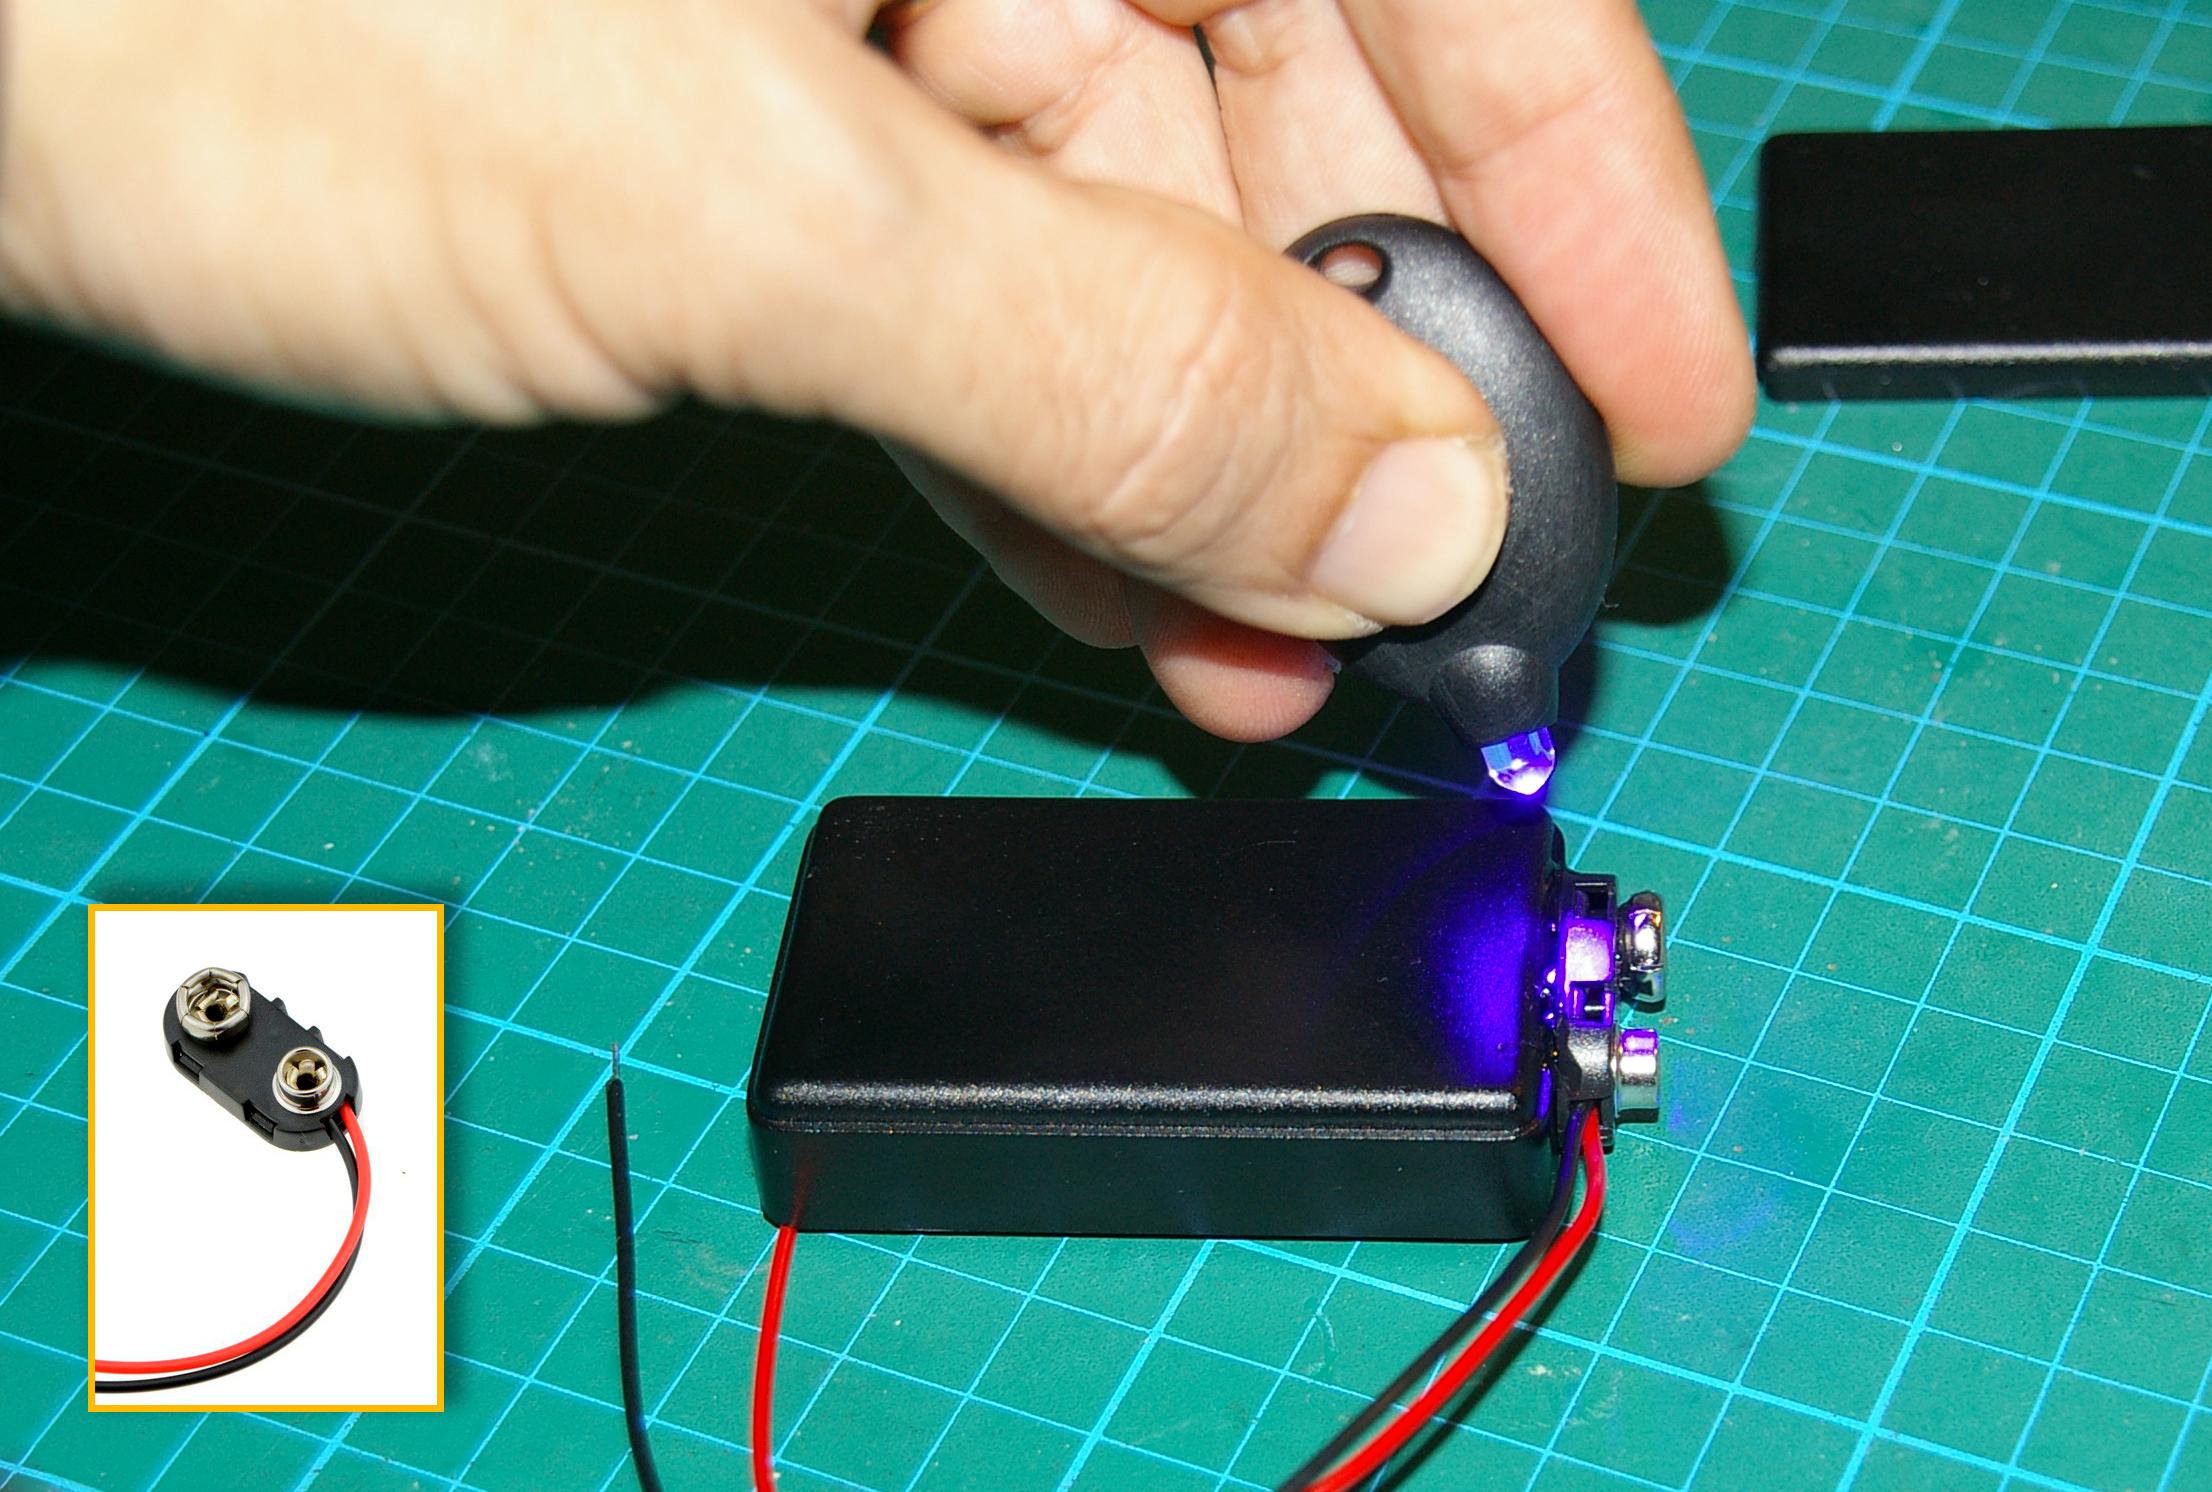 Endurecimiento del adhesivo del portapilas con luz ultravioleta